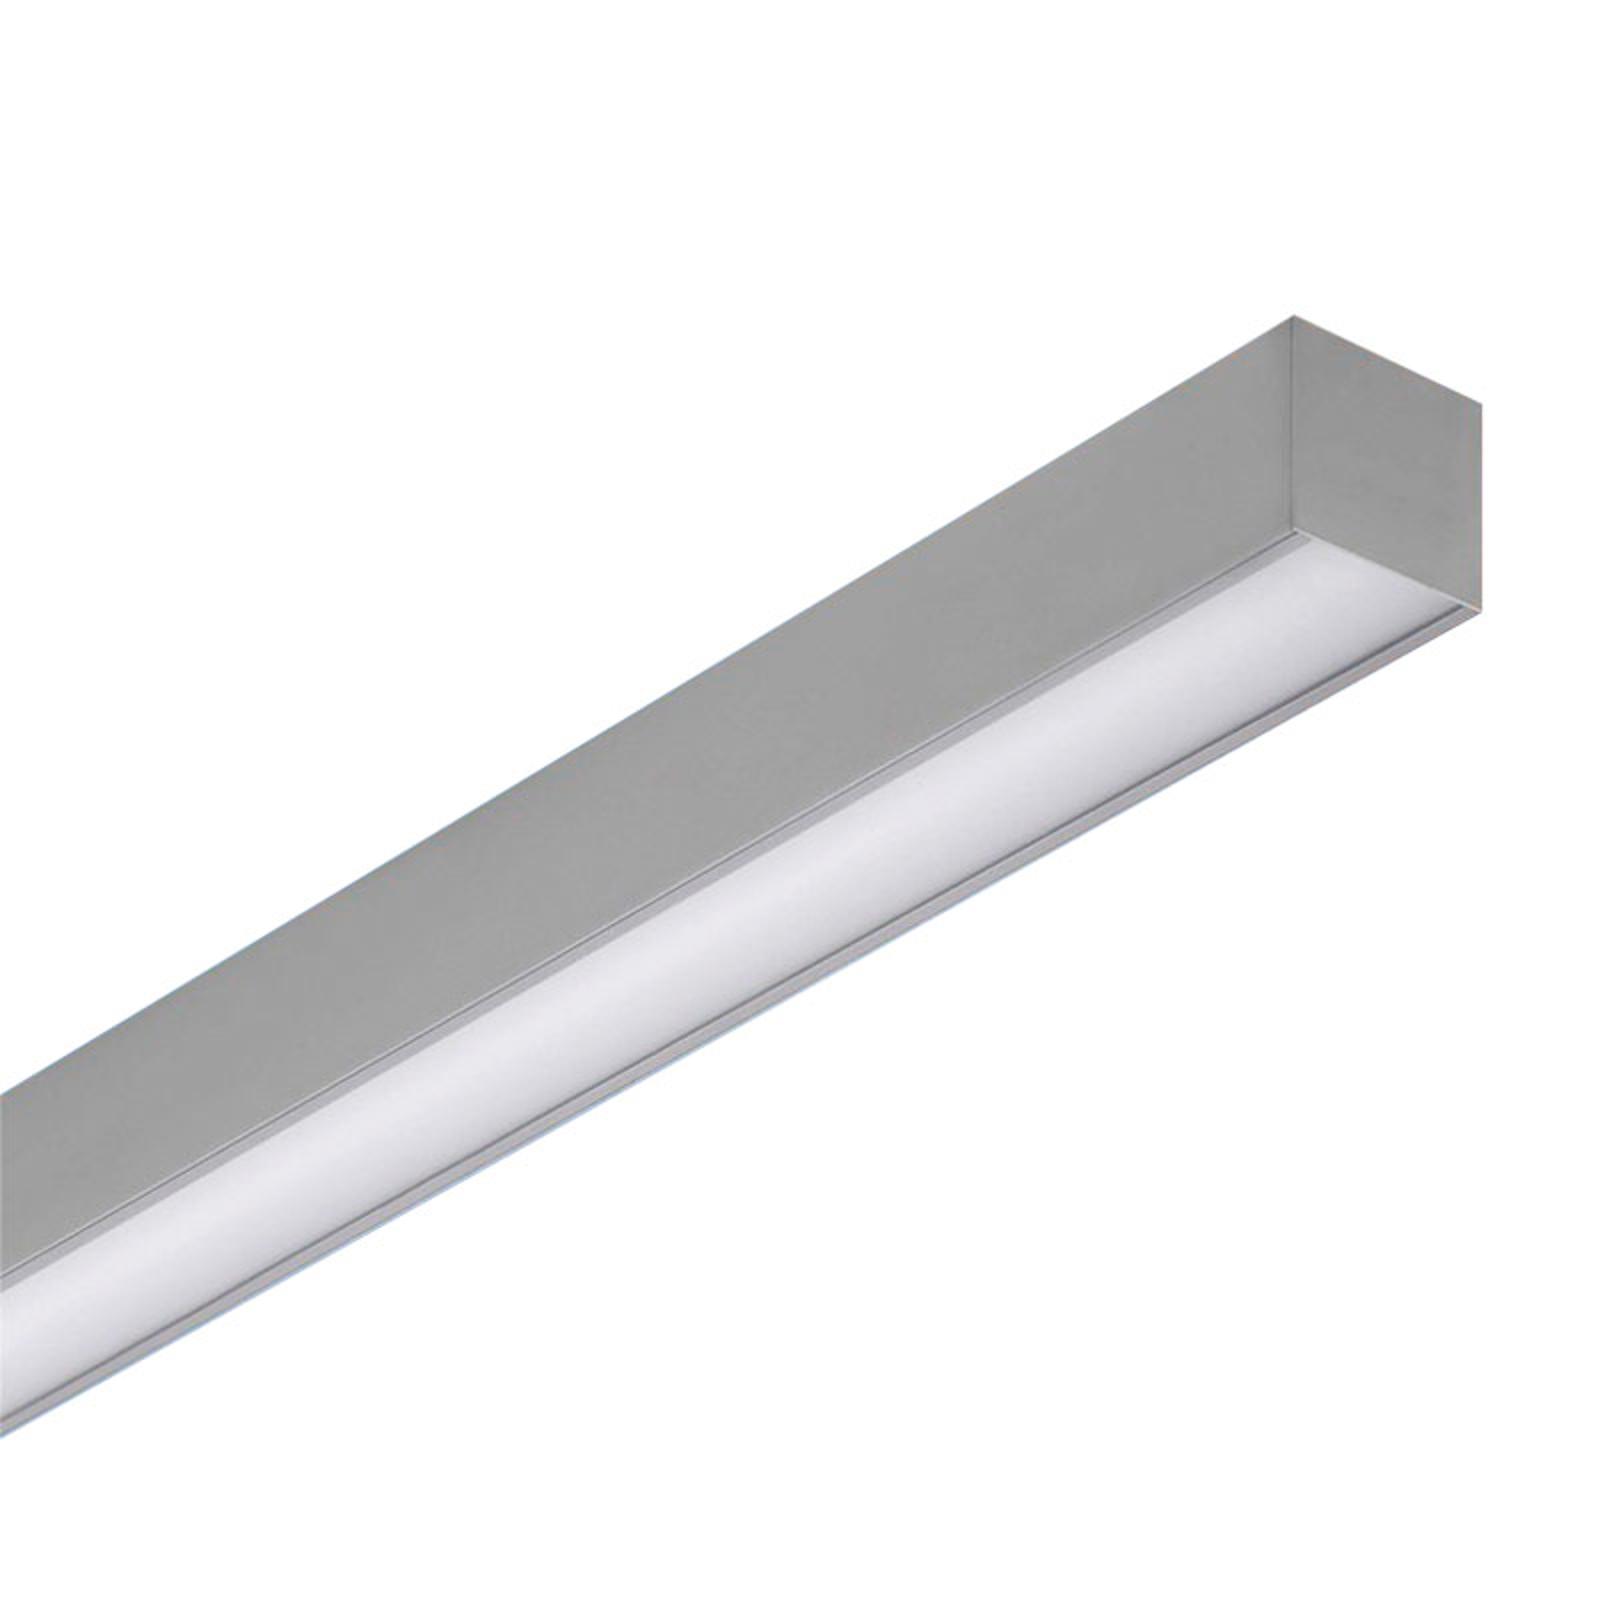 LKPW075 - effektfull LED-vegglampe, 4000K